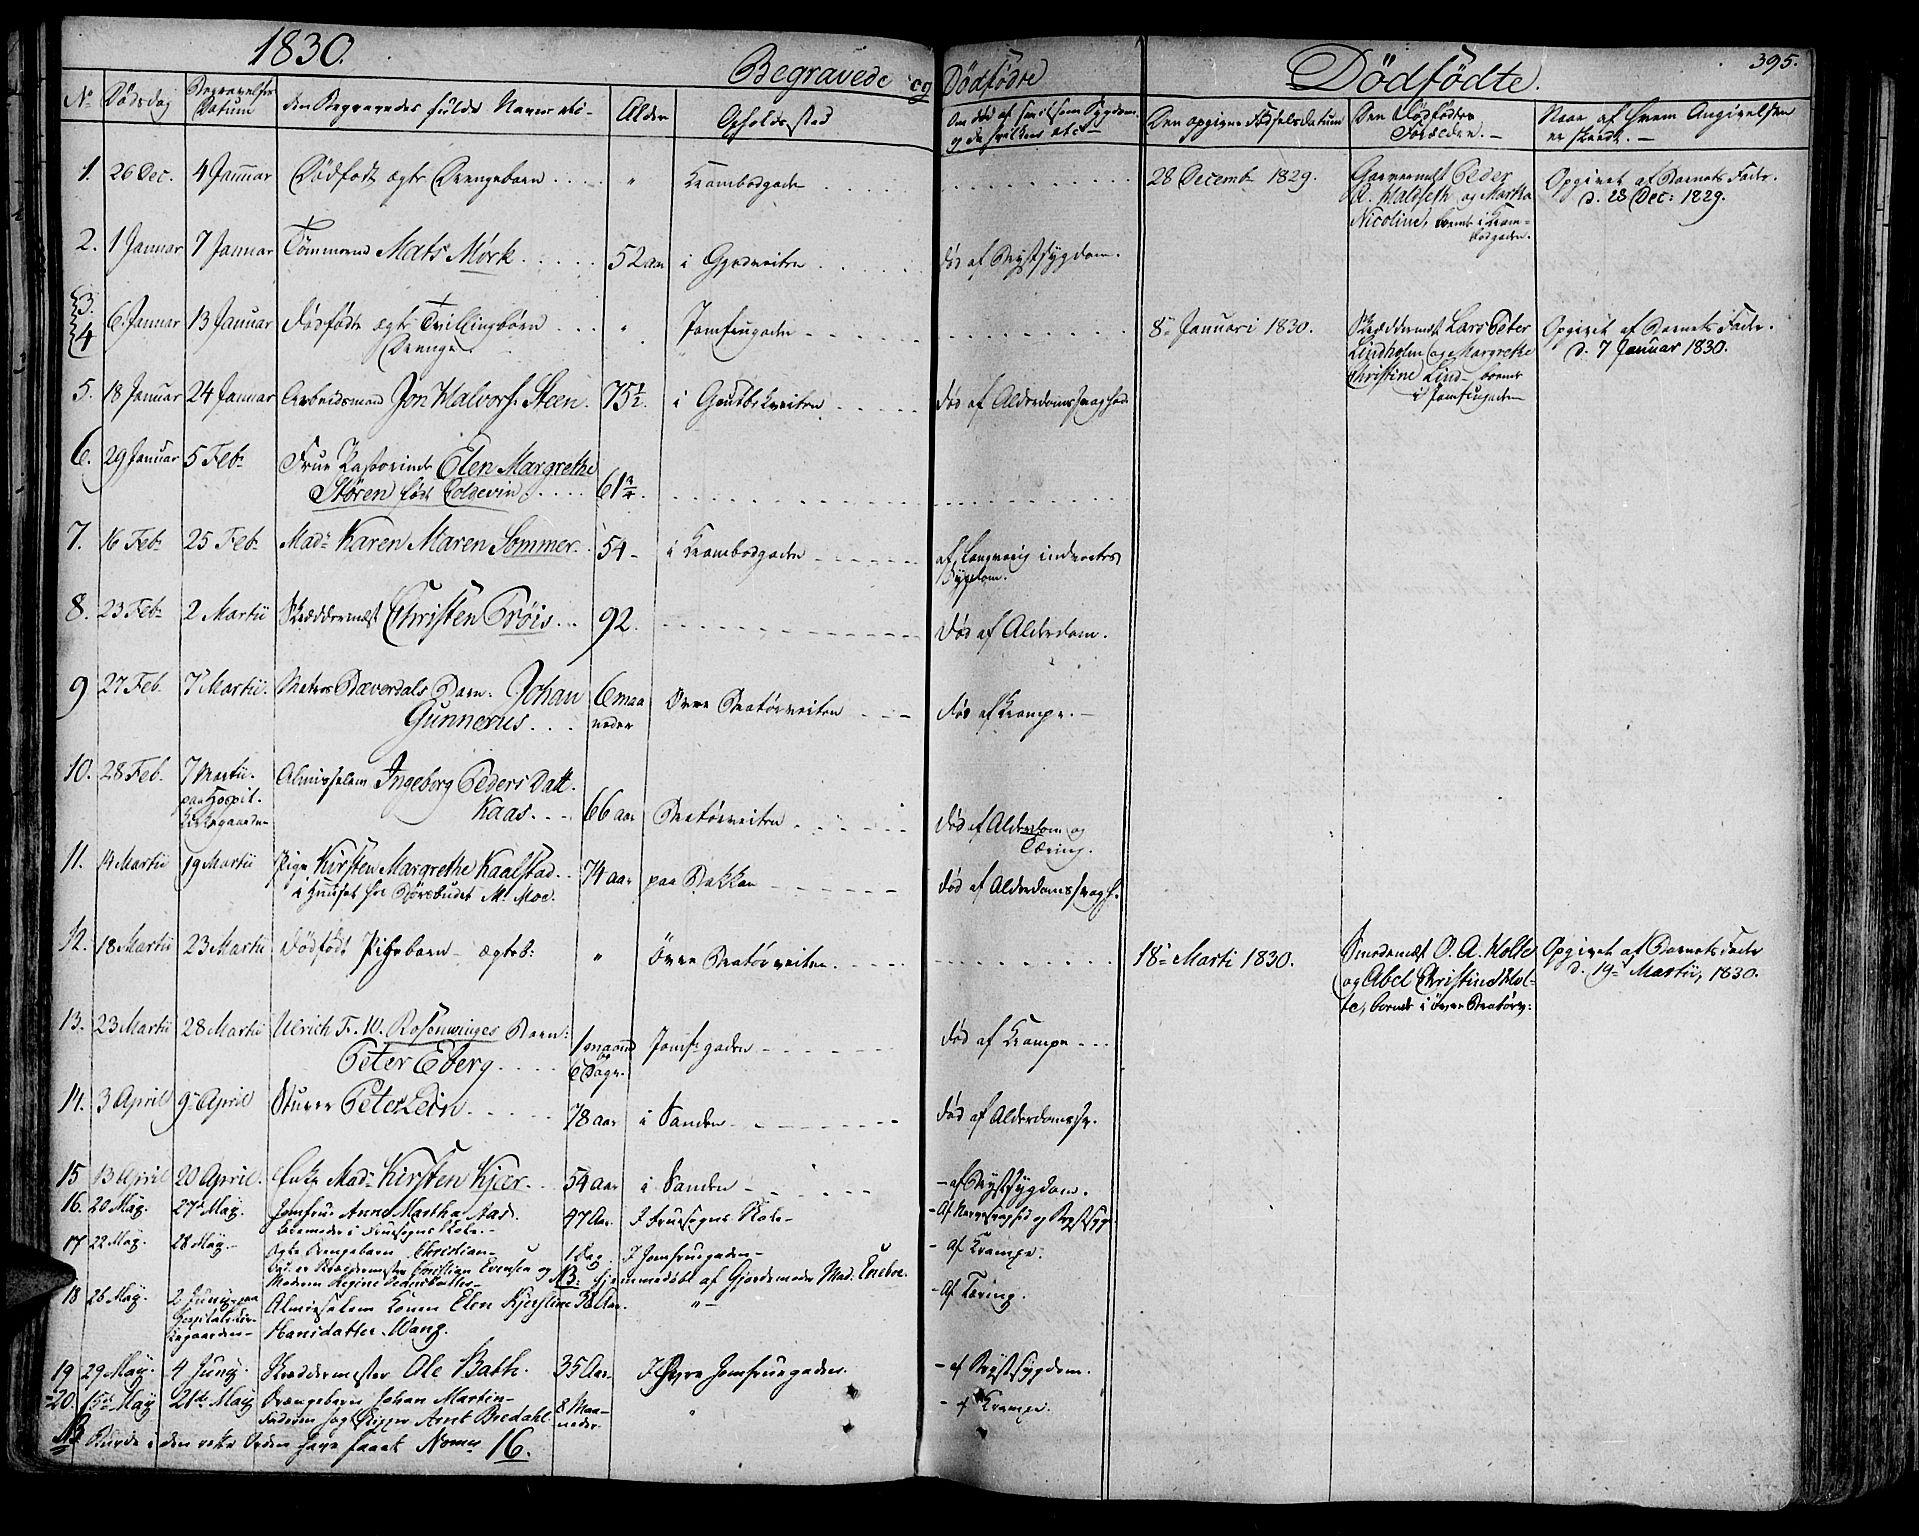 SAT, Ministerialprotokoller, klokkerbøker og fødselsregistre - Sør-Trøndelag, 602/L0109: Ministerialbok nr. 602A07, 1821-1840, s. 395